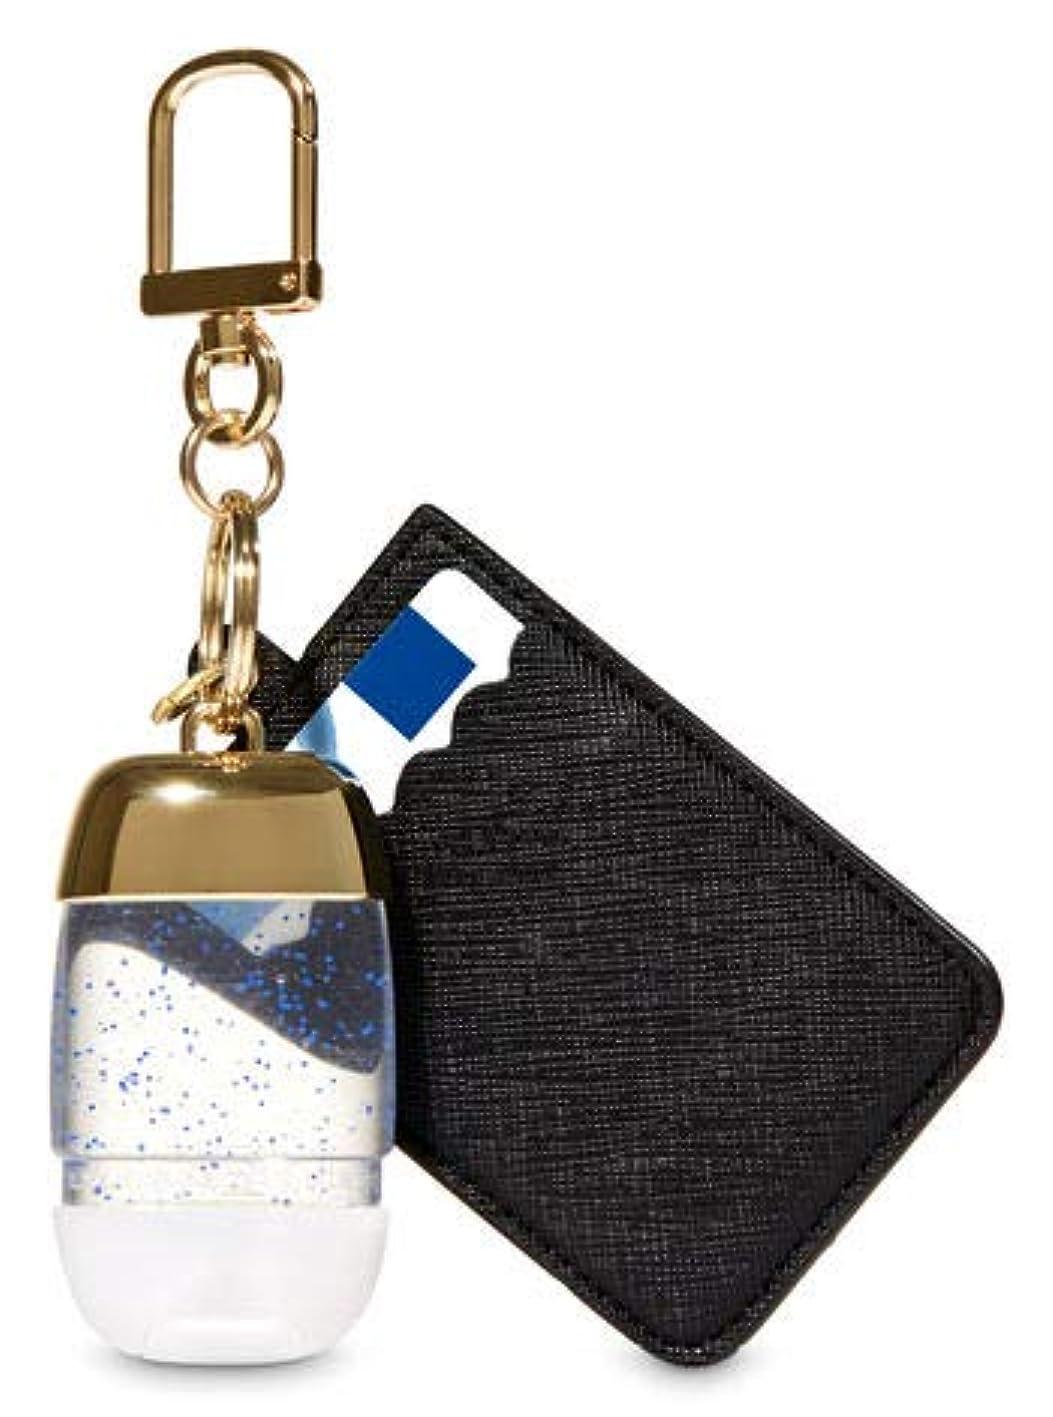 細胞テープベーコン【Bath&Body Works/バス&ボディワークス】 抗菌ハンドジェルホルダー カードケース ブラック&ゴールド Credit Card & PocketBac Holder Black & Gold [並行輸入品]